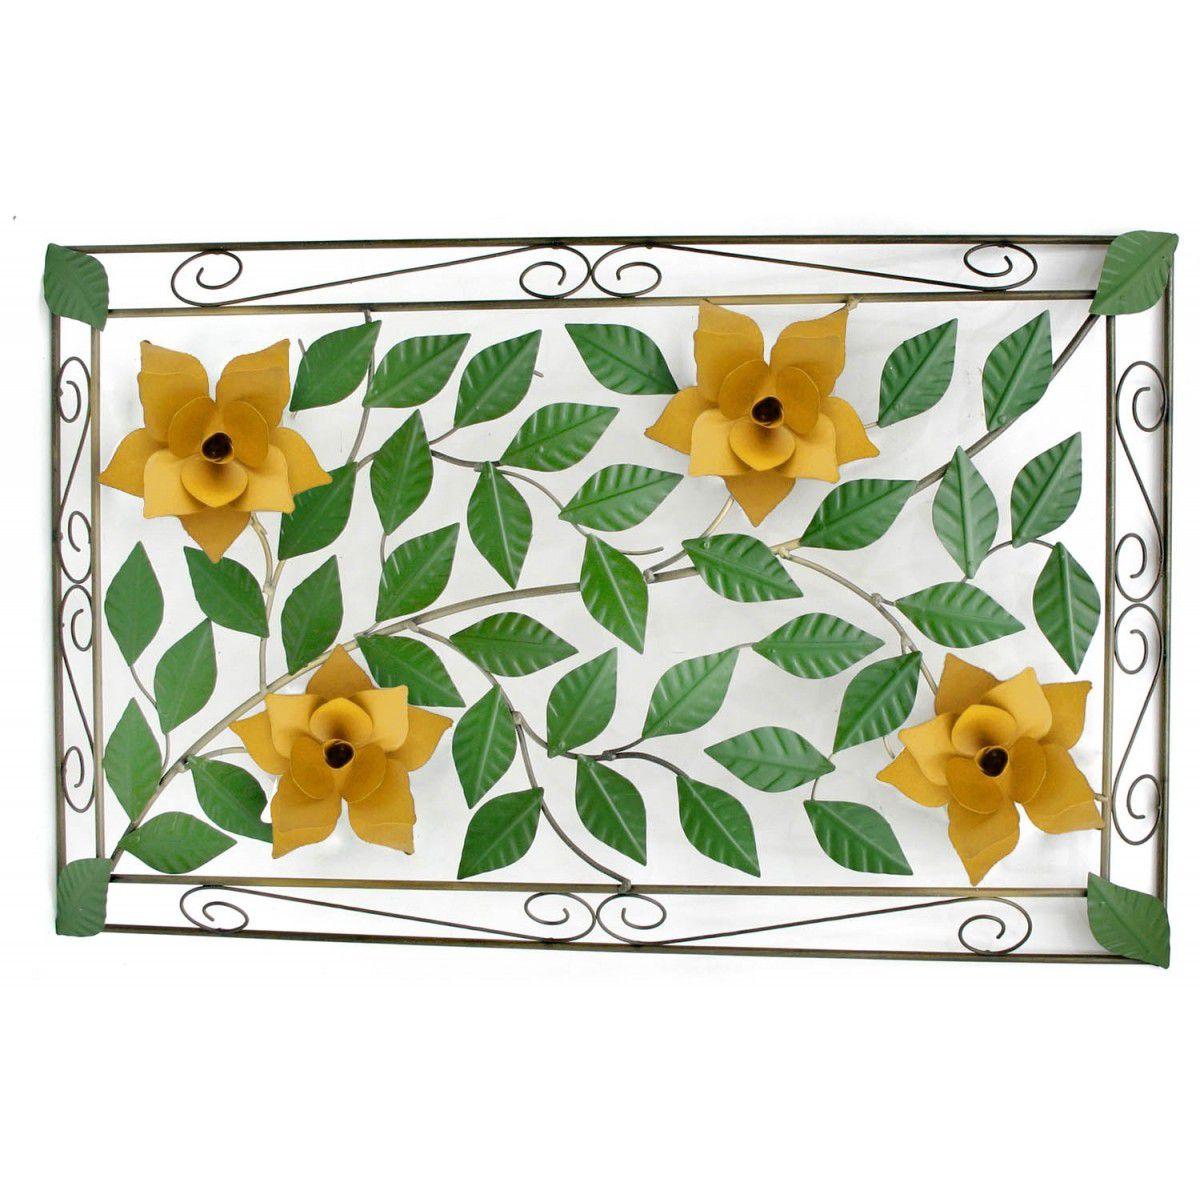 Moldura Rustica com Flores de Ferro Artesanais para Varanda